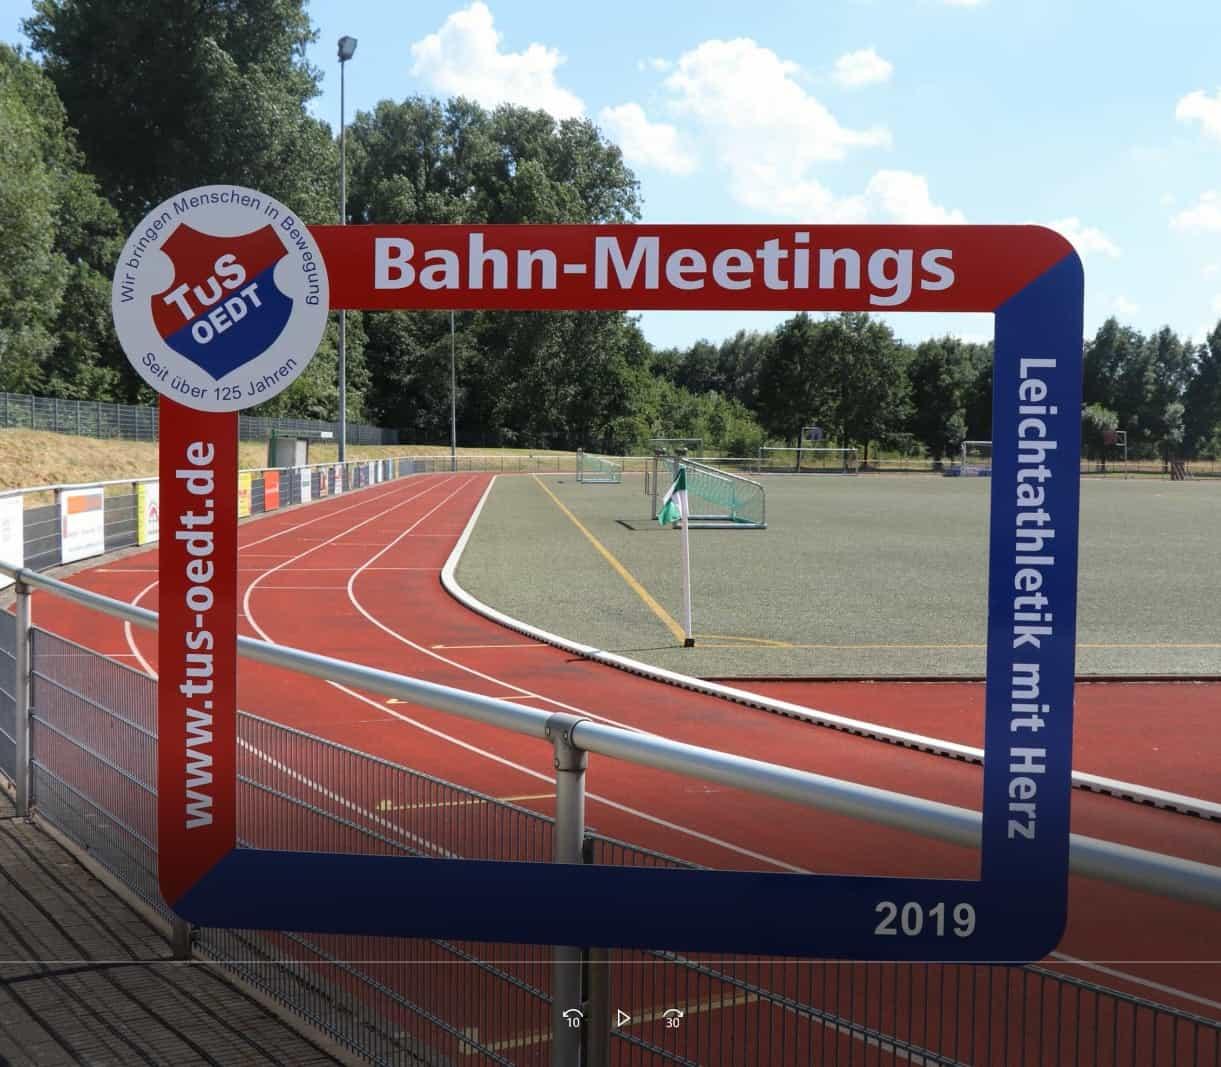 Erinnerungen an die Bahneröffnung 8. Mai 2019